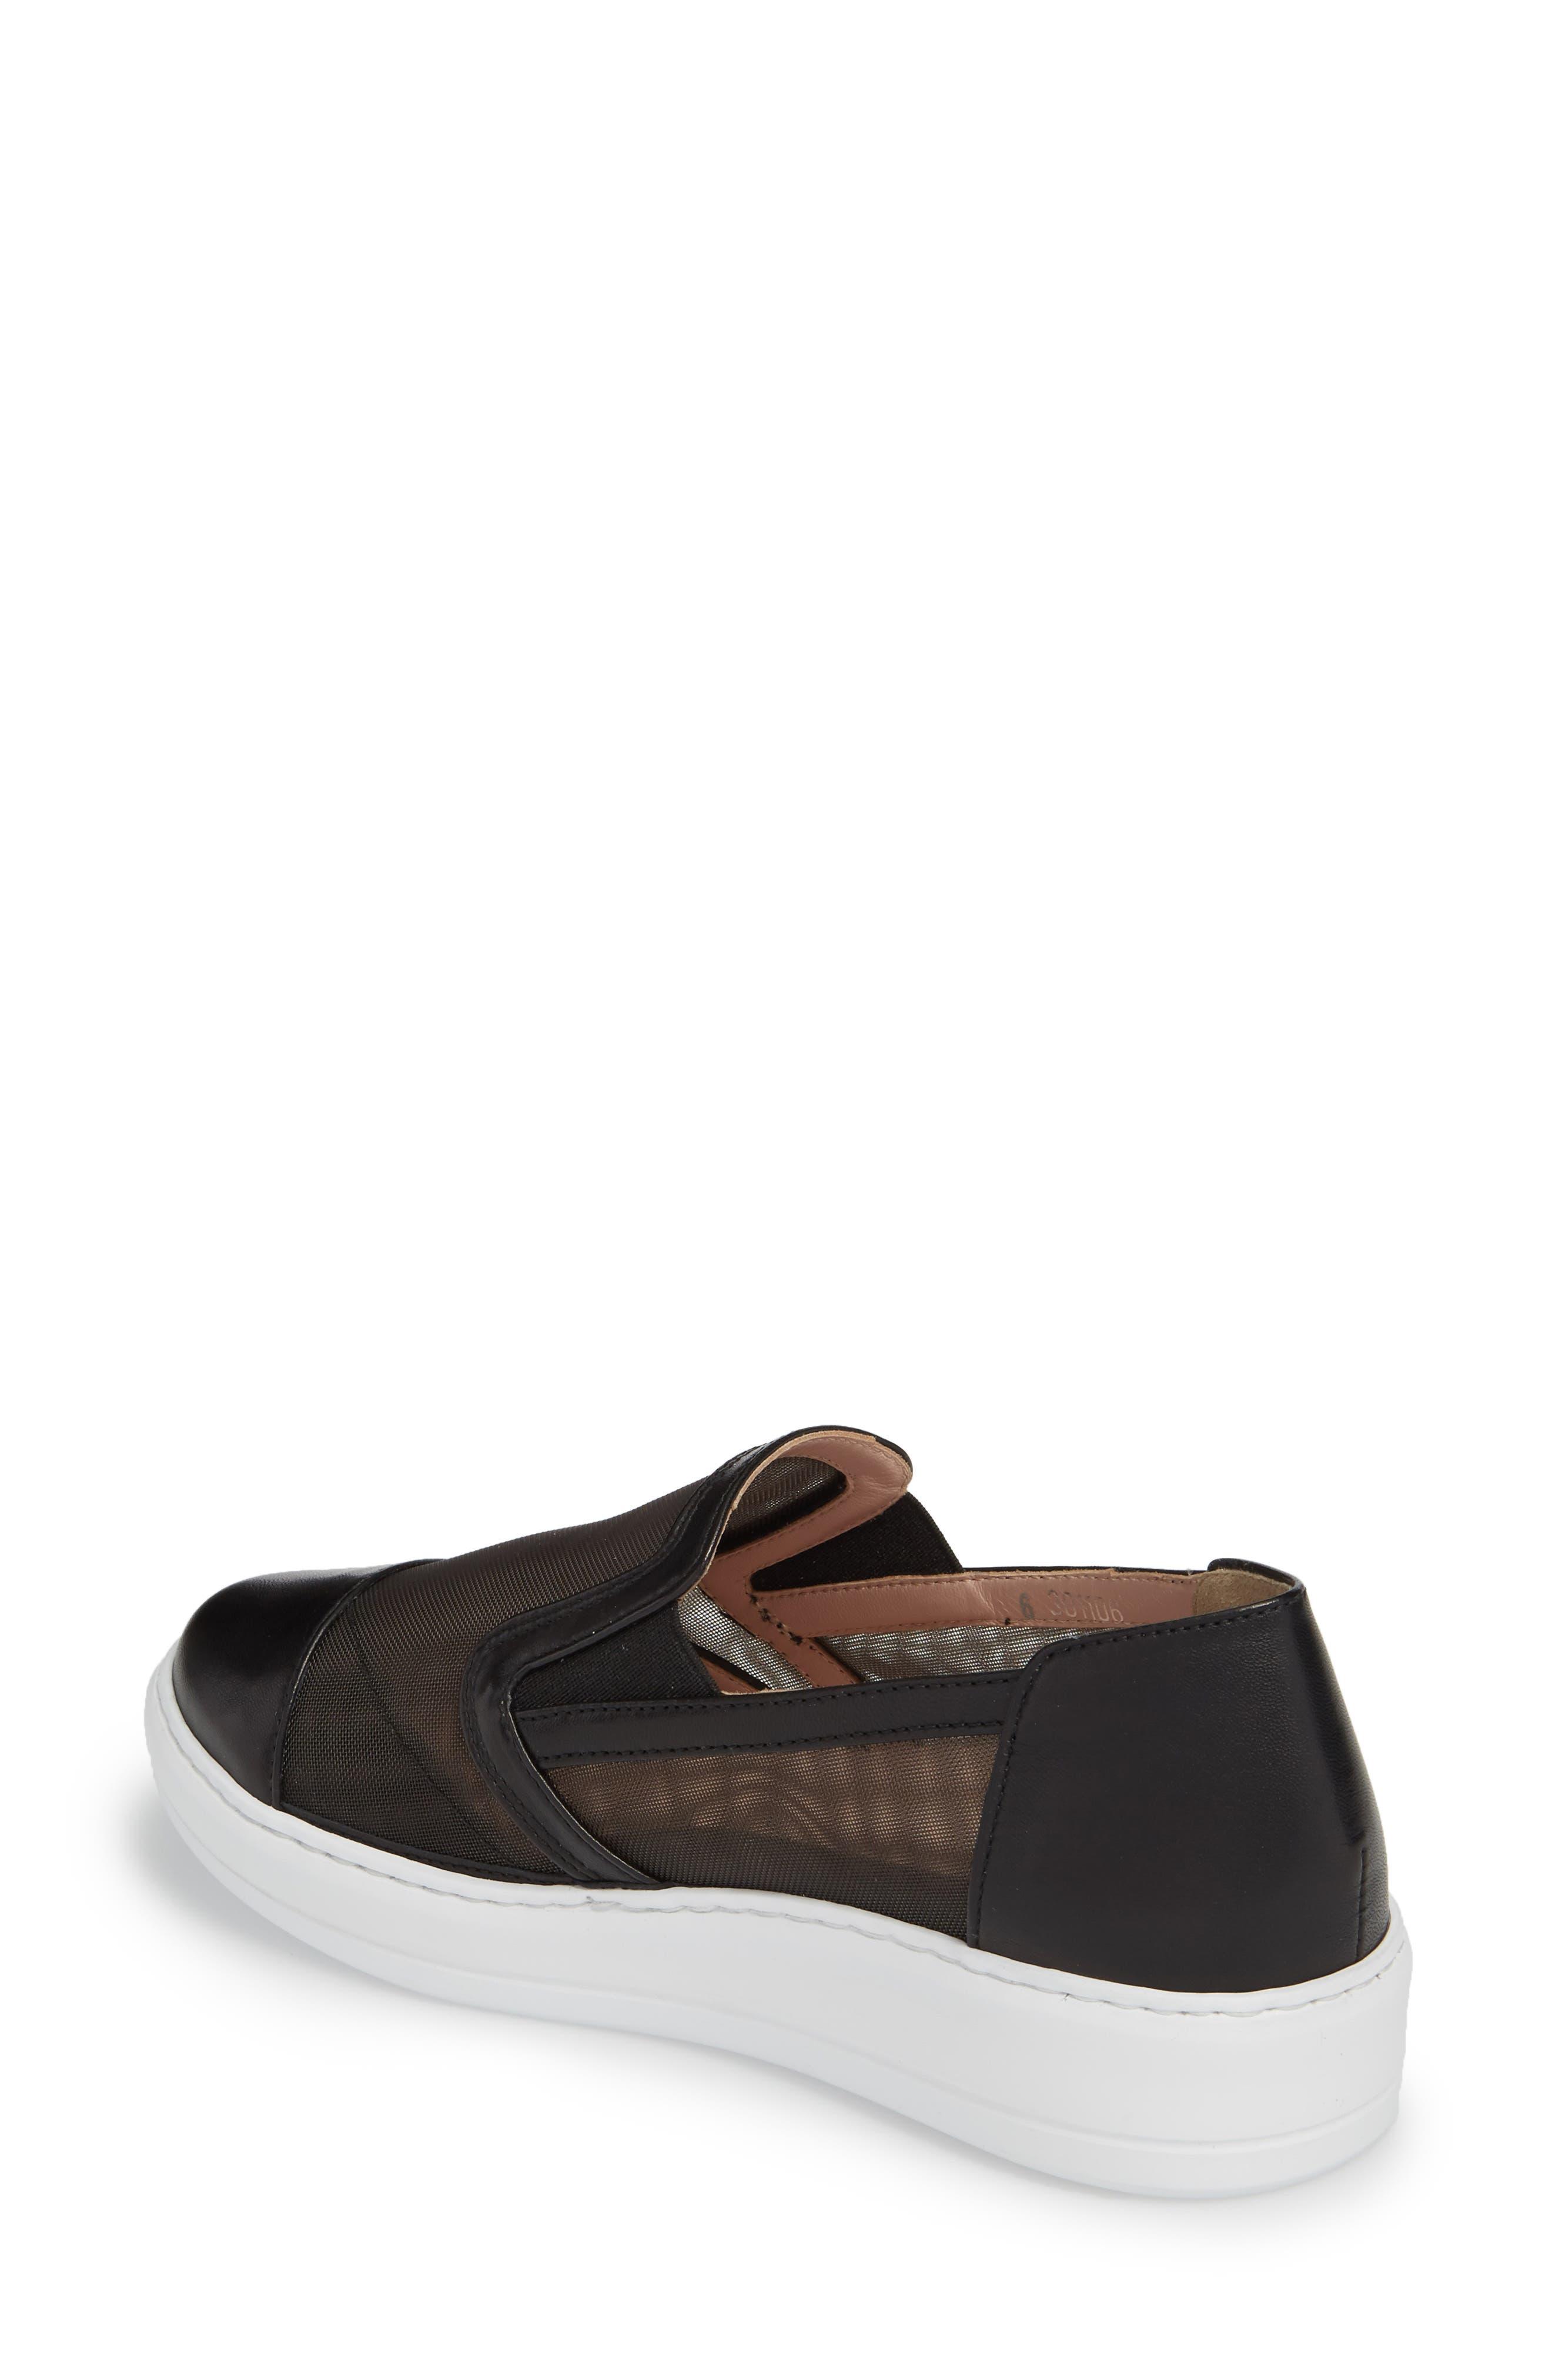 Taryn Rose Calandra Slip-On Sneaker,                             Alternate thumbnail 2, color,                             004